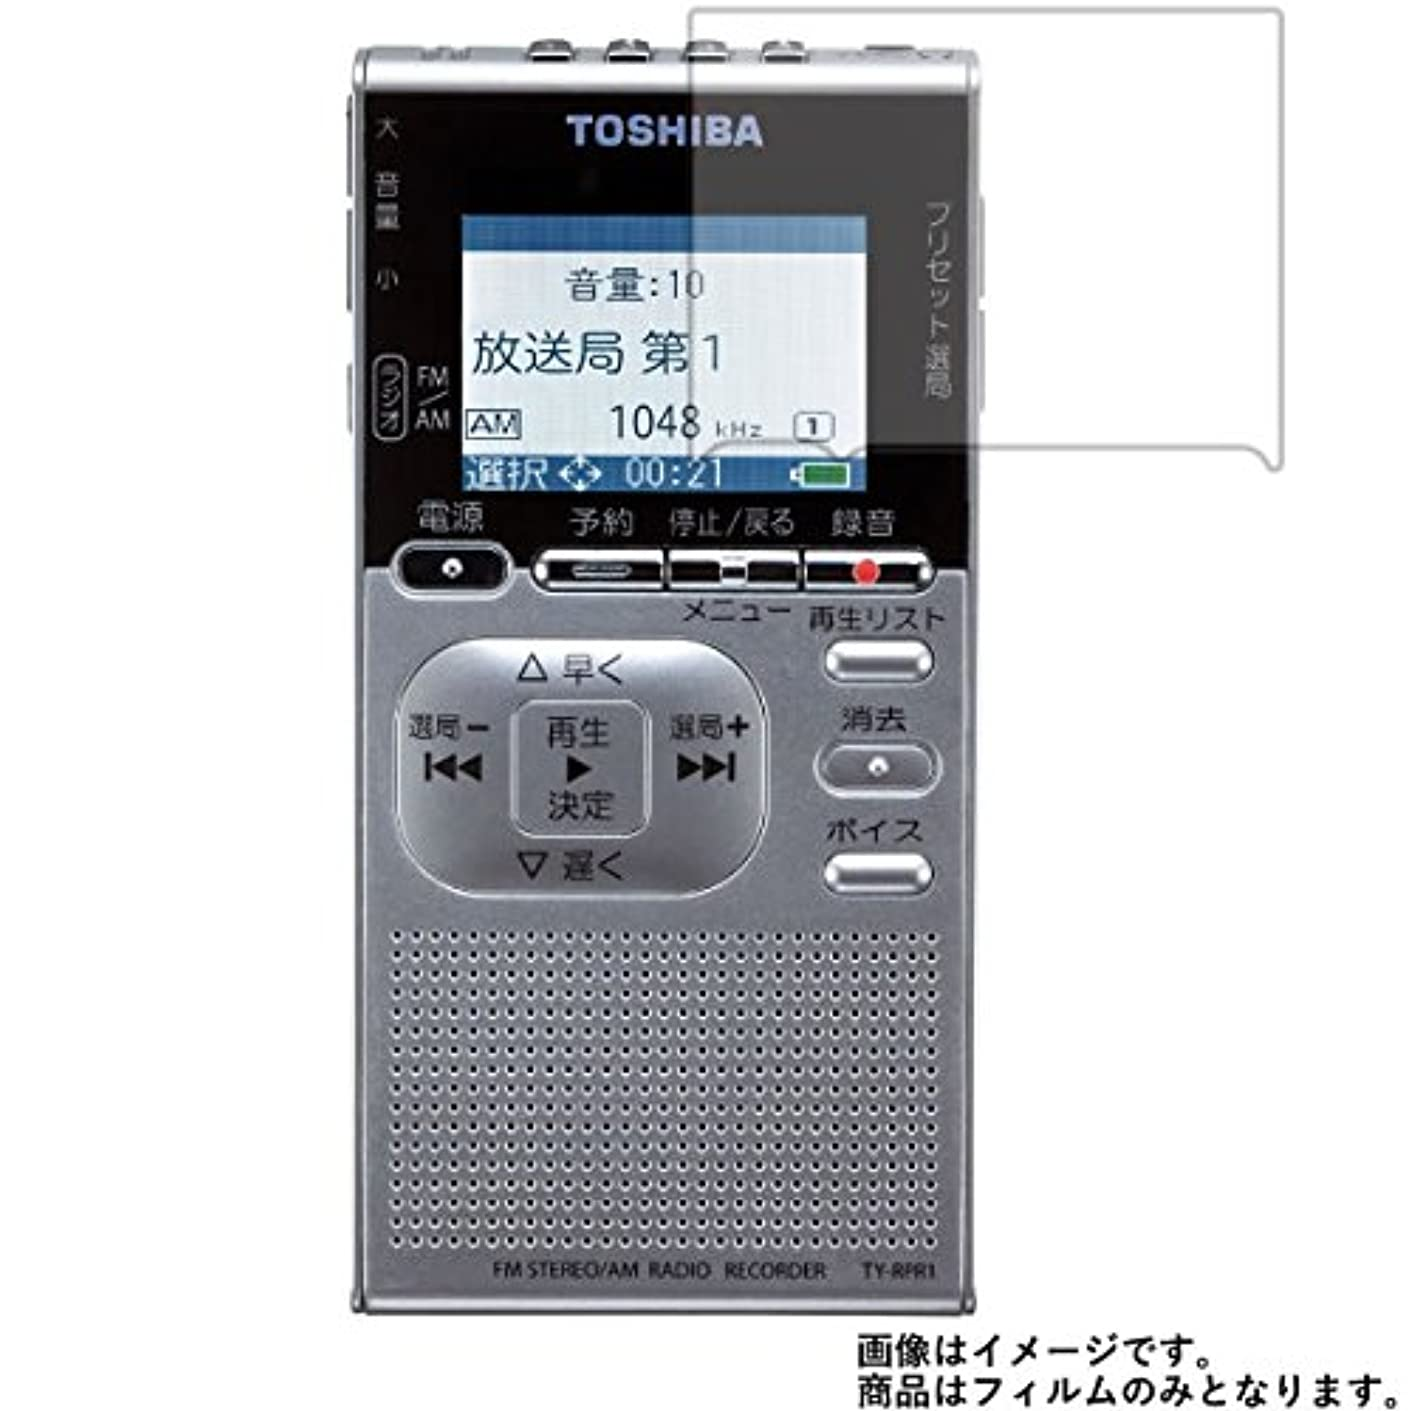 時期尚早ウミウシ信頼【2枚セット】Toshiba TY-RPR1 用 液晶保護フィルム 反射防止(マット)タイプ